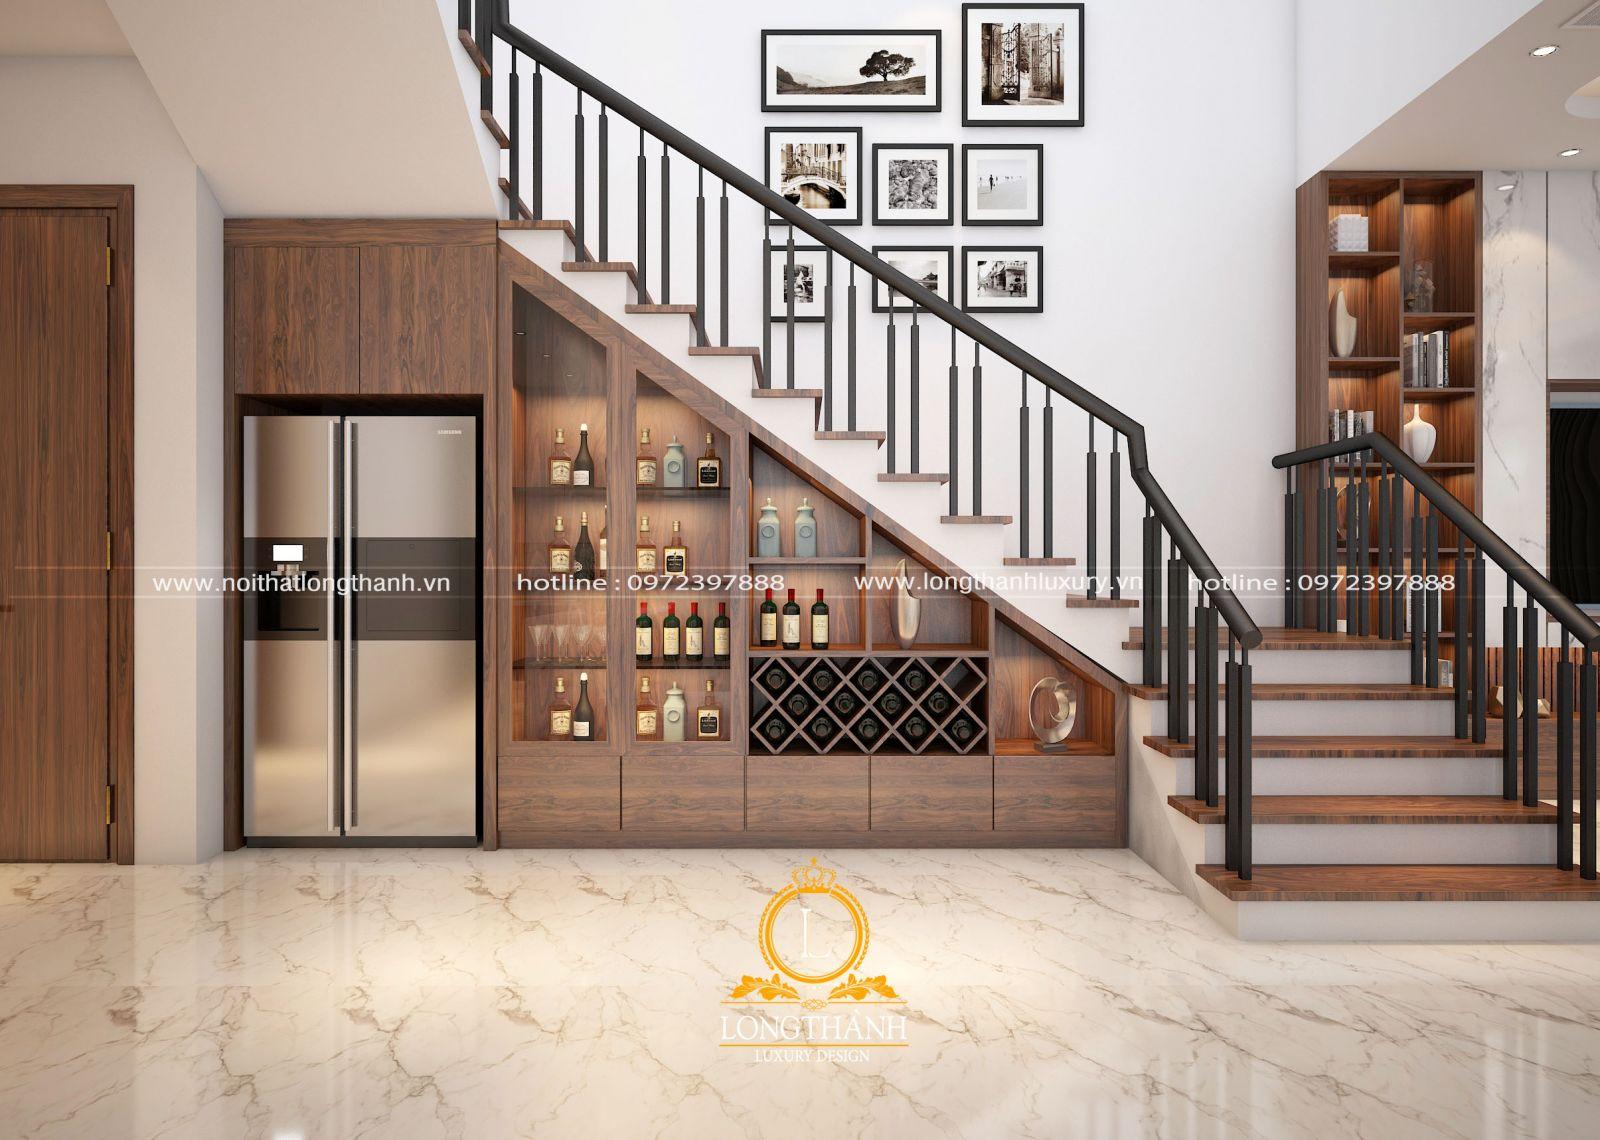 Tủ rượu gầm cầu thang tích hợp đầy đủ công năng làm cho ngôi nhà thêm ấn tượng